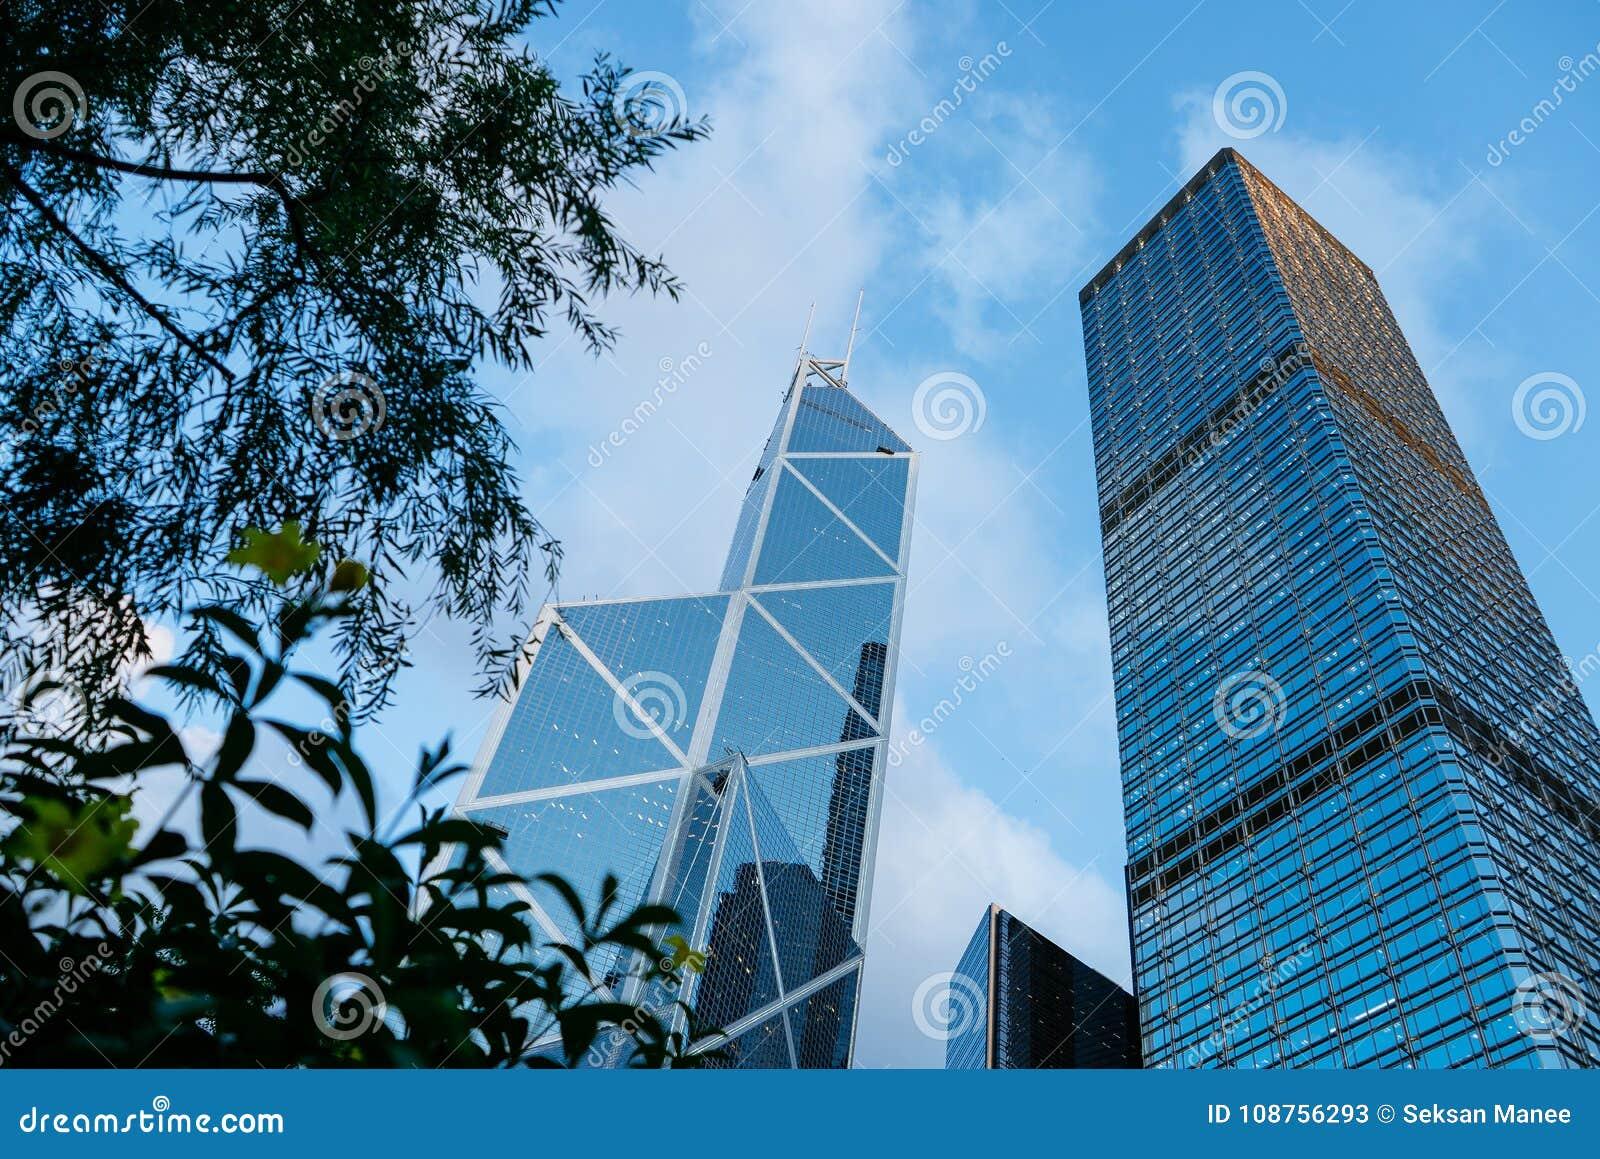 ГОНКОНГ - 26-ОЕ ИЮНЯ 2015: Современные здания в Гонконге, небоскребы